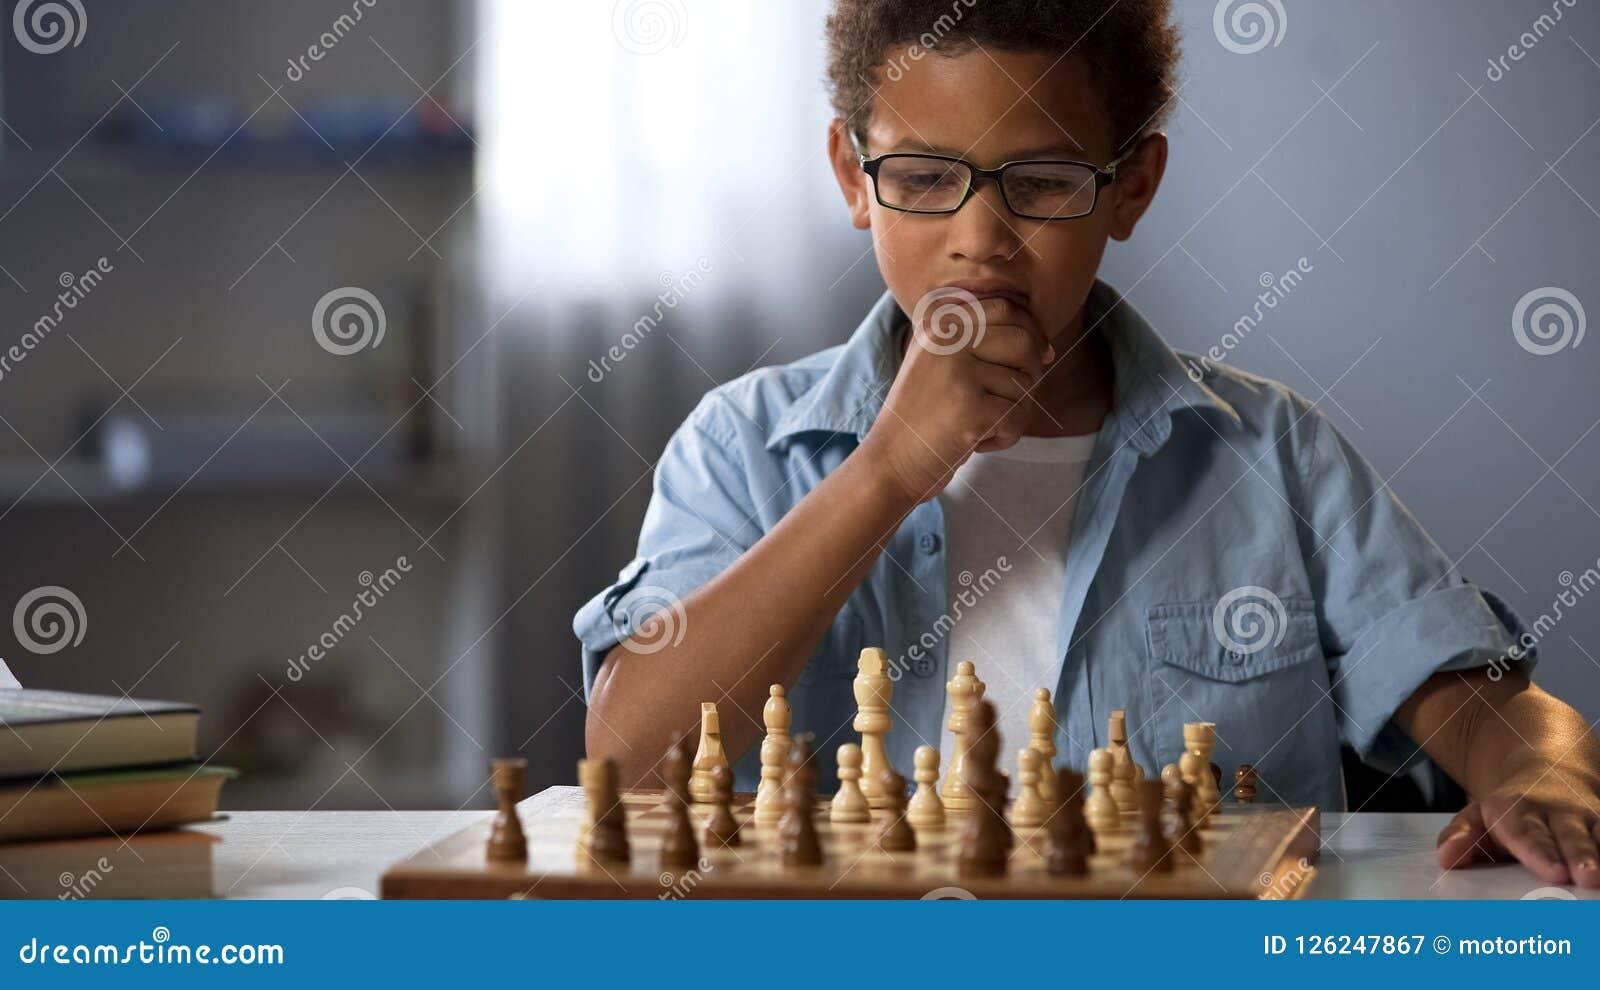 Мальчик думая на движении шахмат, умном хобби, развитии логики, отдыхе